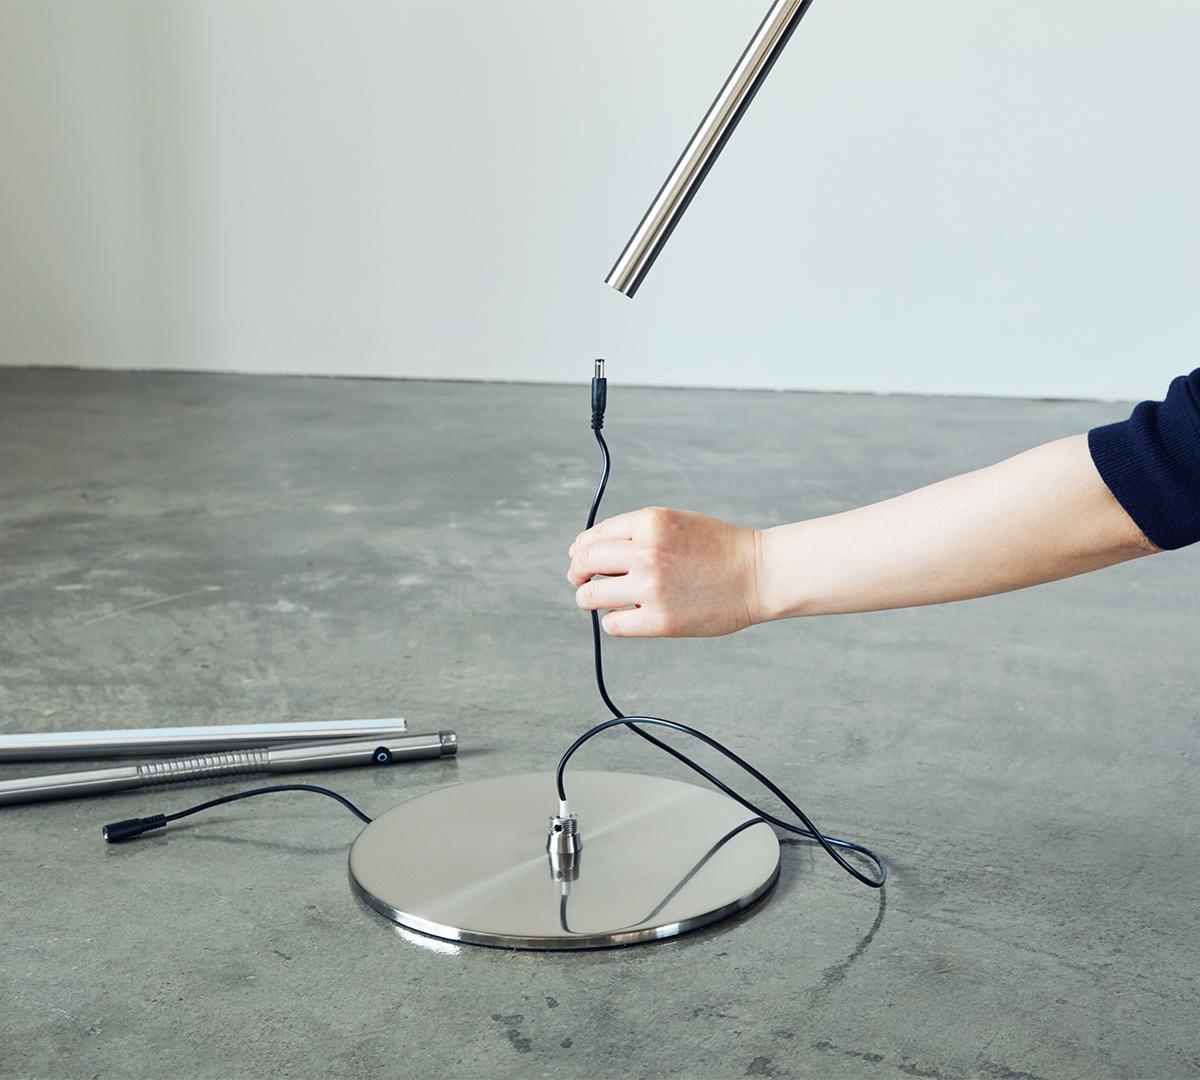 組み立ては、カンタン・シンプル(1) 目に優しい太陽光LEDで、読書の世界にどっぷり浸れる。直径2cmの「線」でできた、存在感を感じさせないフロアライト|Daylight - Slimline3